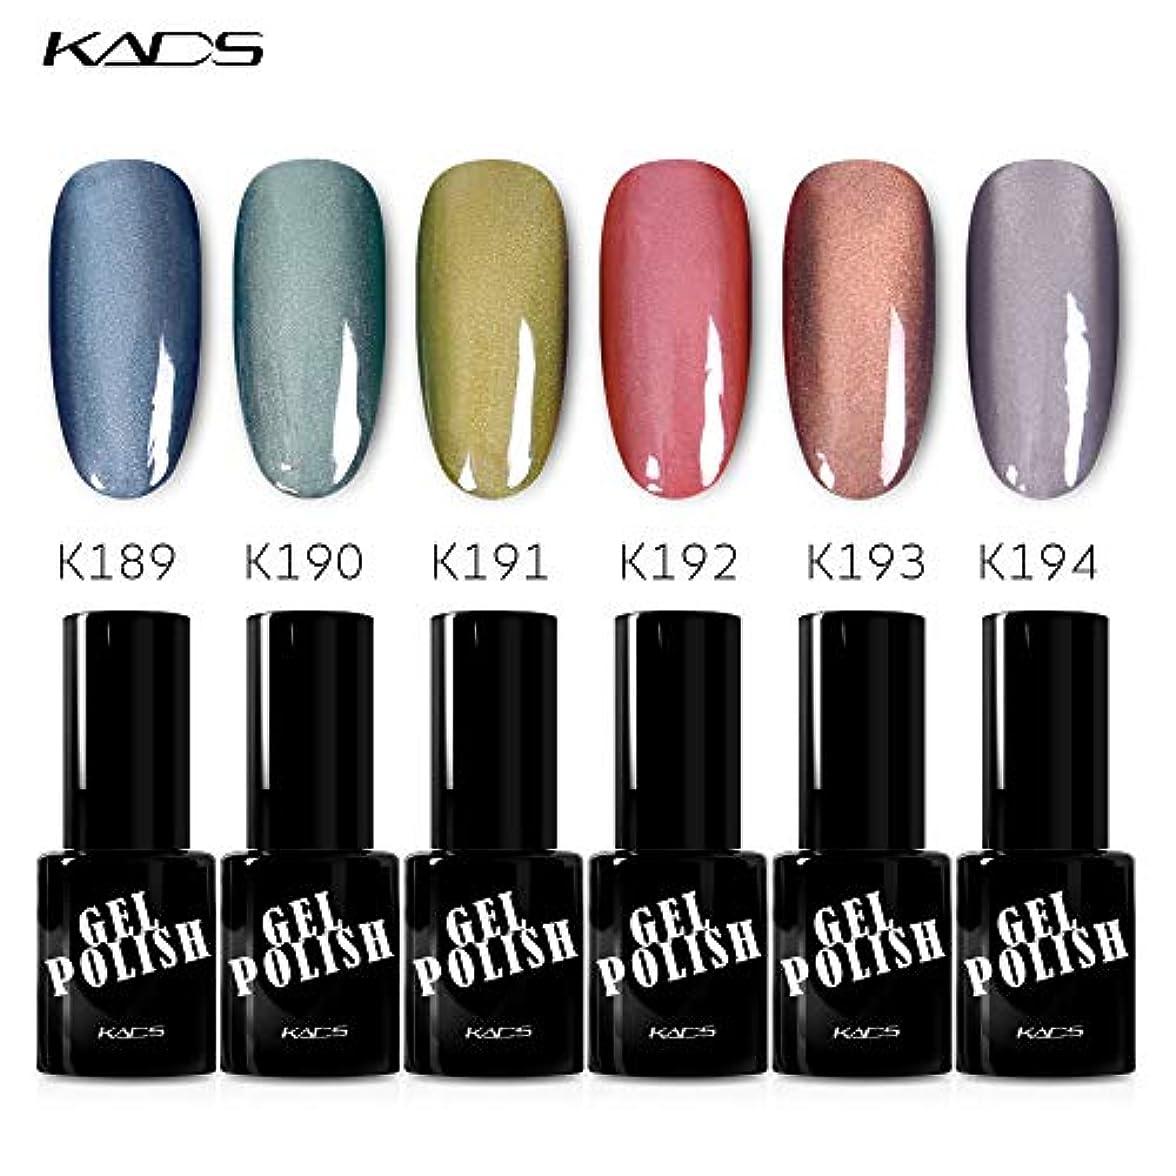 義務付けられたロッジ無条件KADS ジェルネイルカラーポリッシュ キャッツアイジェル 6色入り グリーン/ピンク/グレー カラージェル UV/LED対応 艶長持ち(セット8)